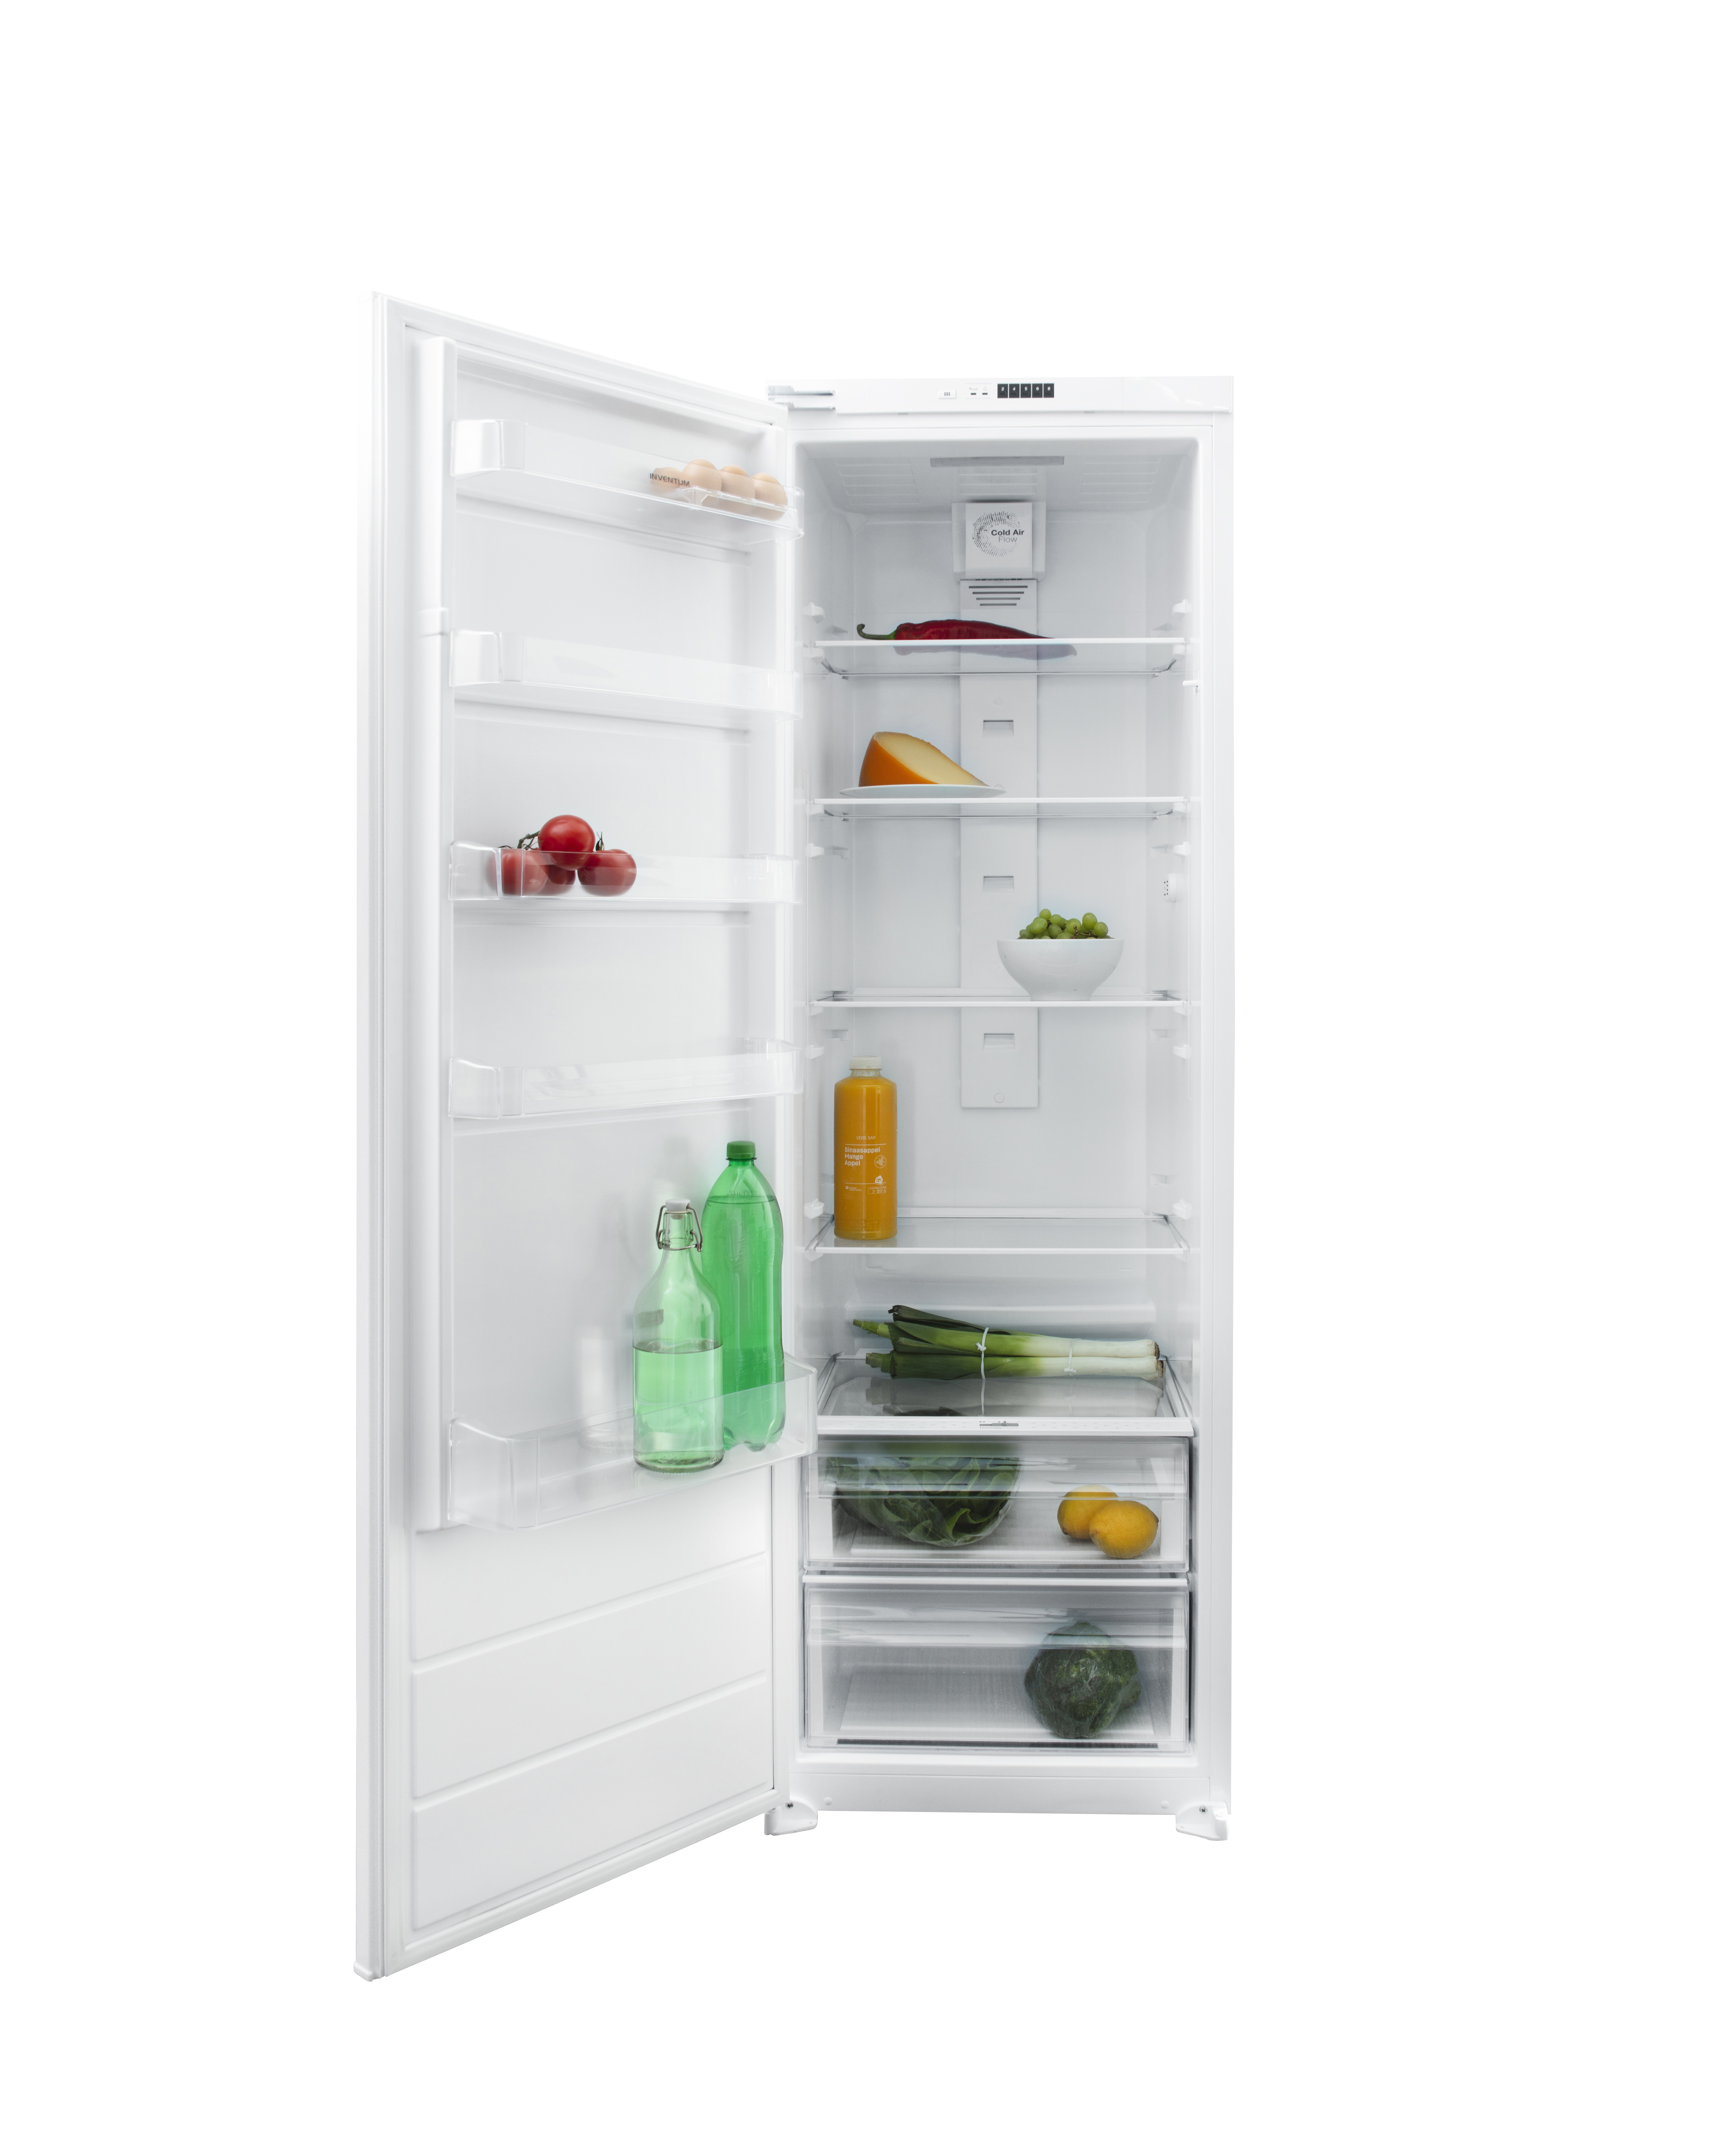 Inventum IKK1785S Inbouw koelkast